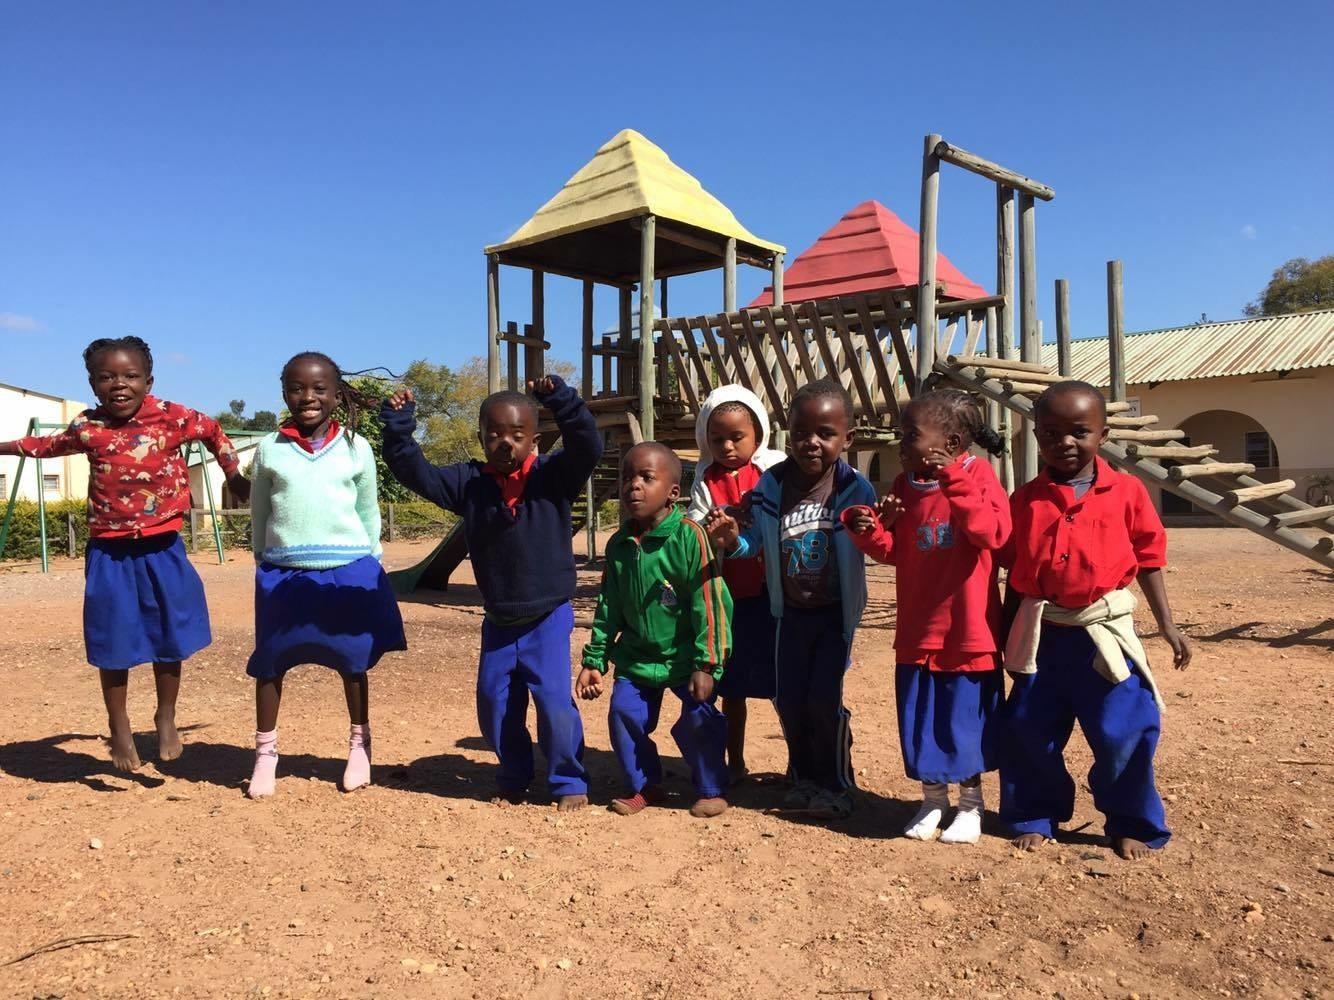 Kafakumba children standing in front of playground